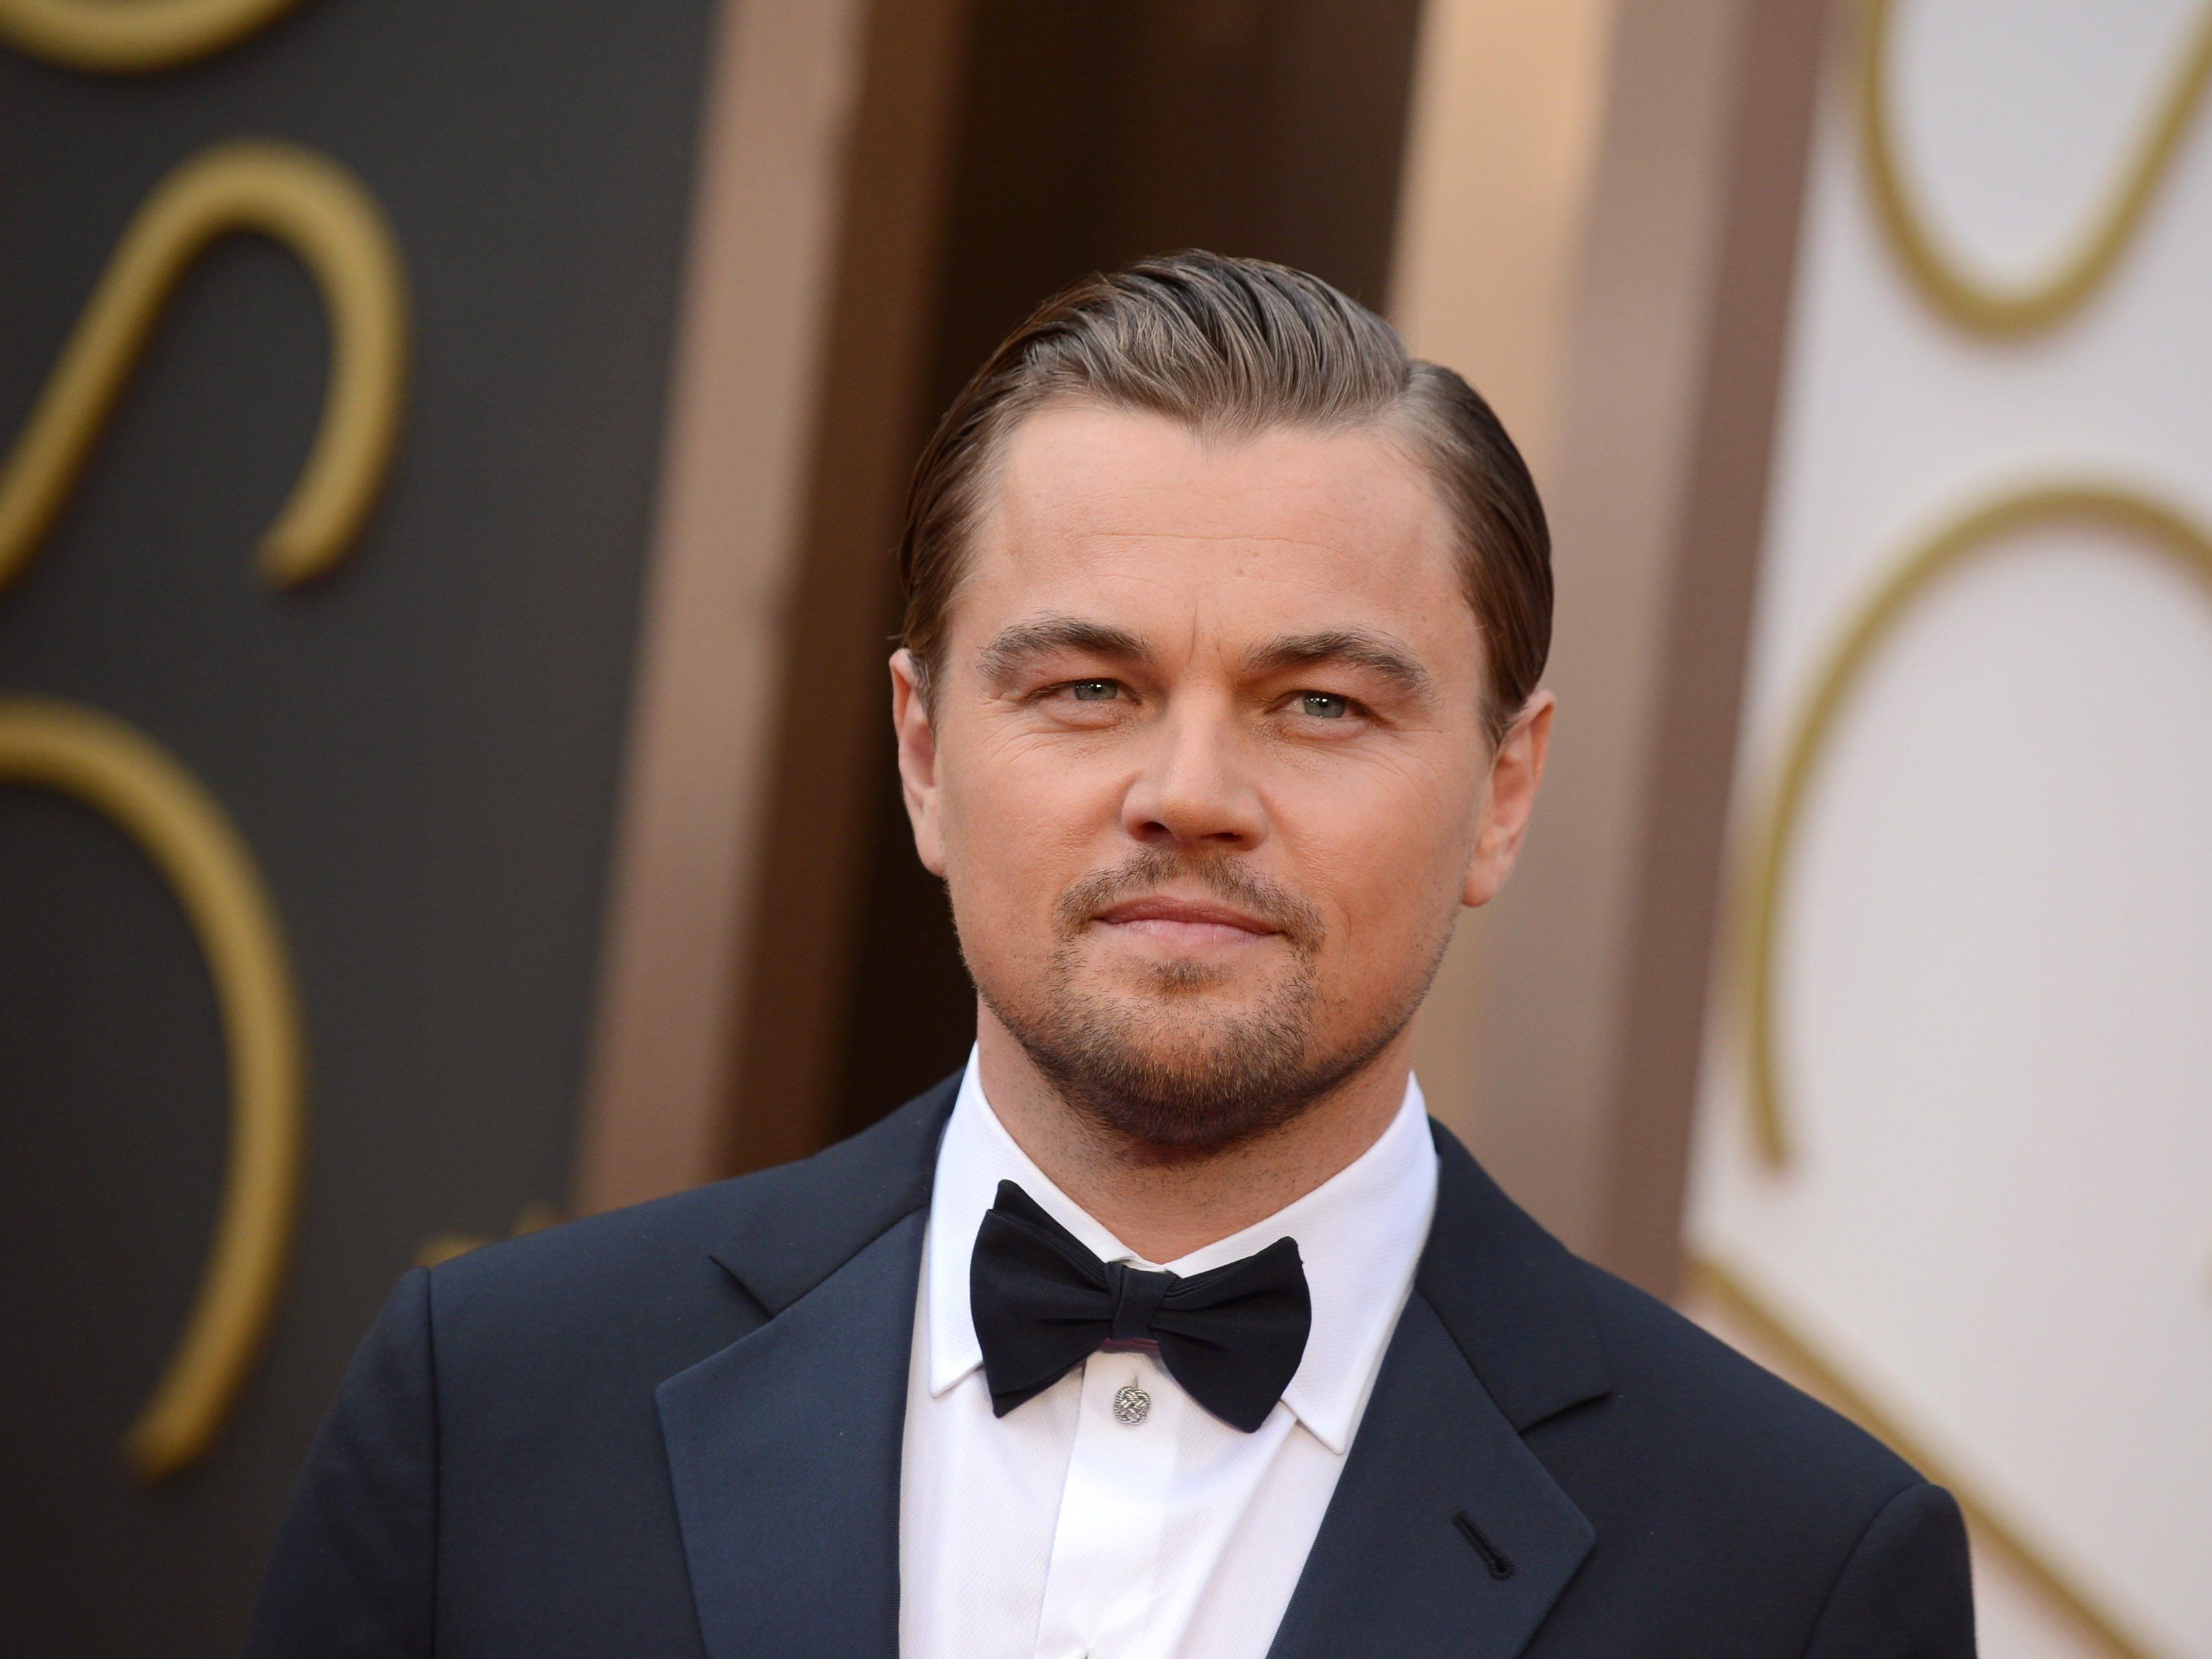 Die deutsche Stimme von Leonardo DiCaprio kommt eigentlich von Gerrit Schmidt-Foß.